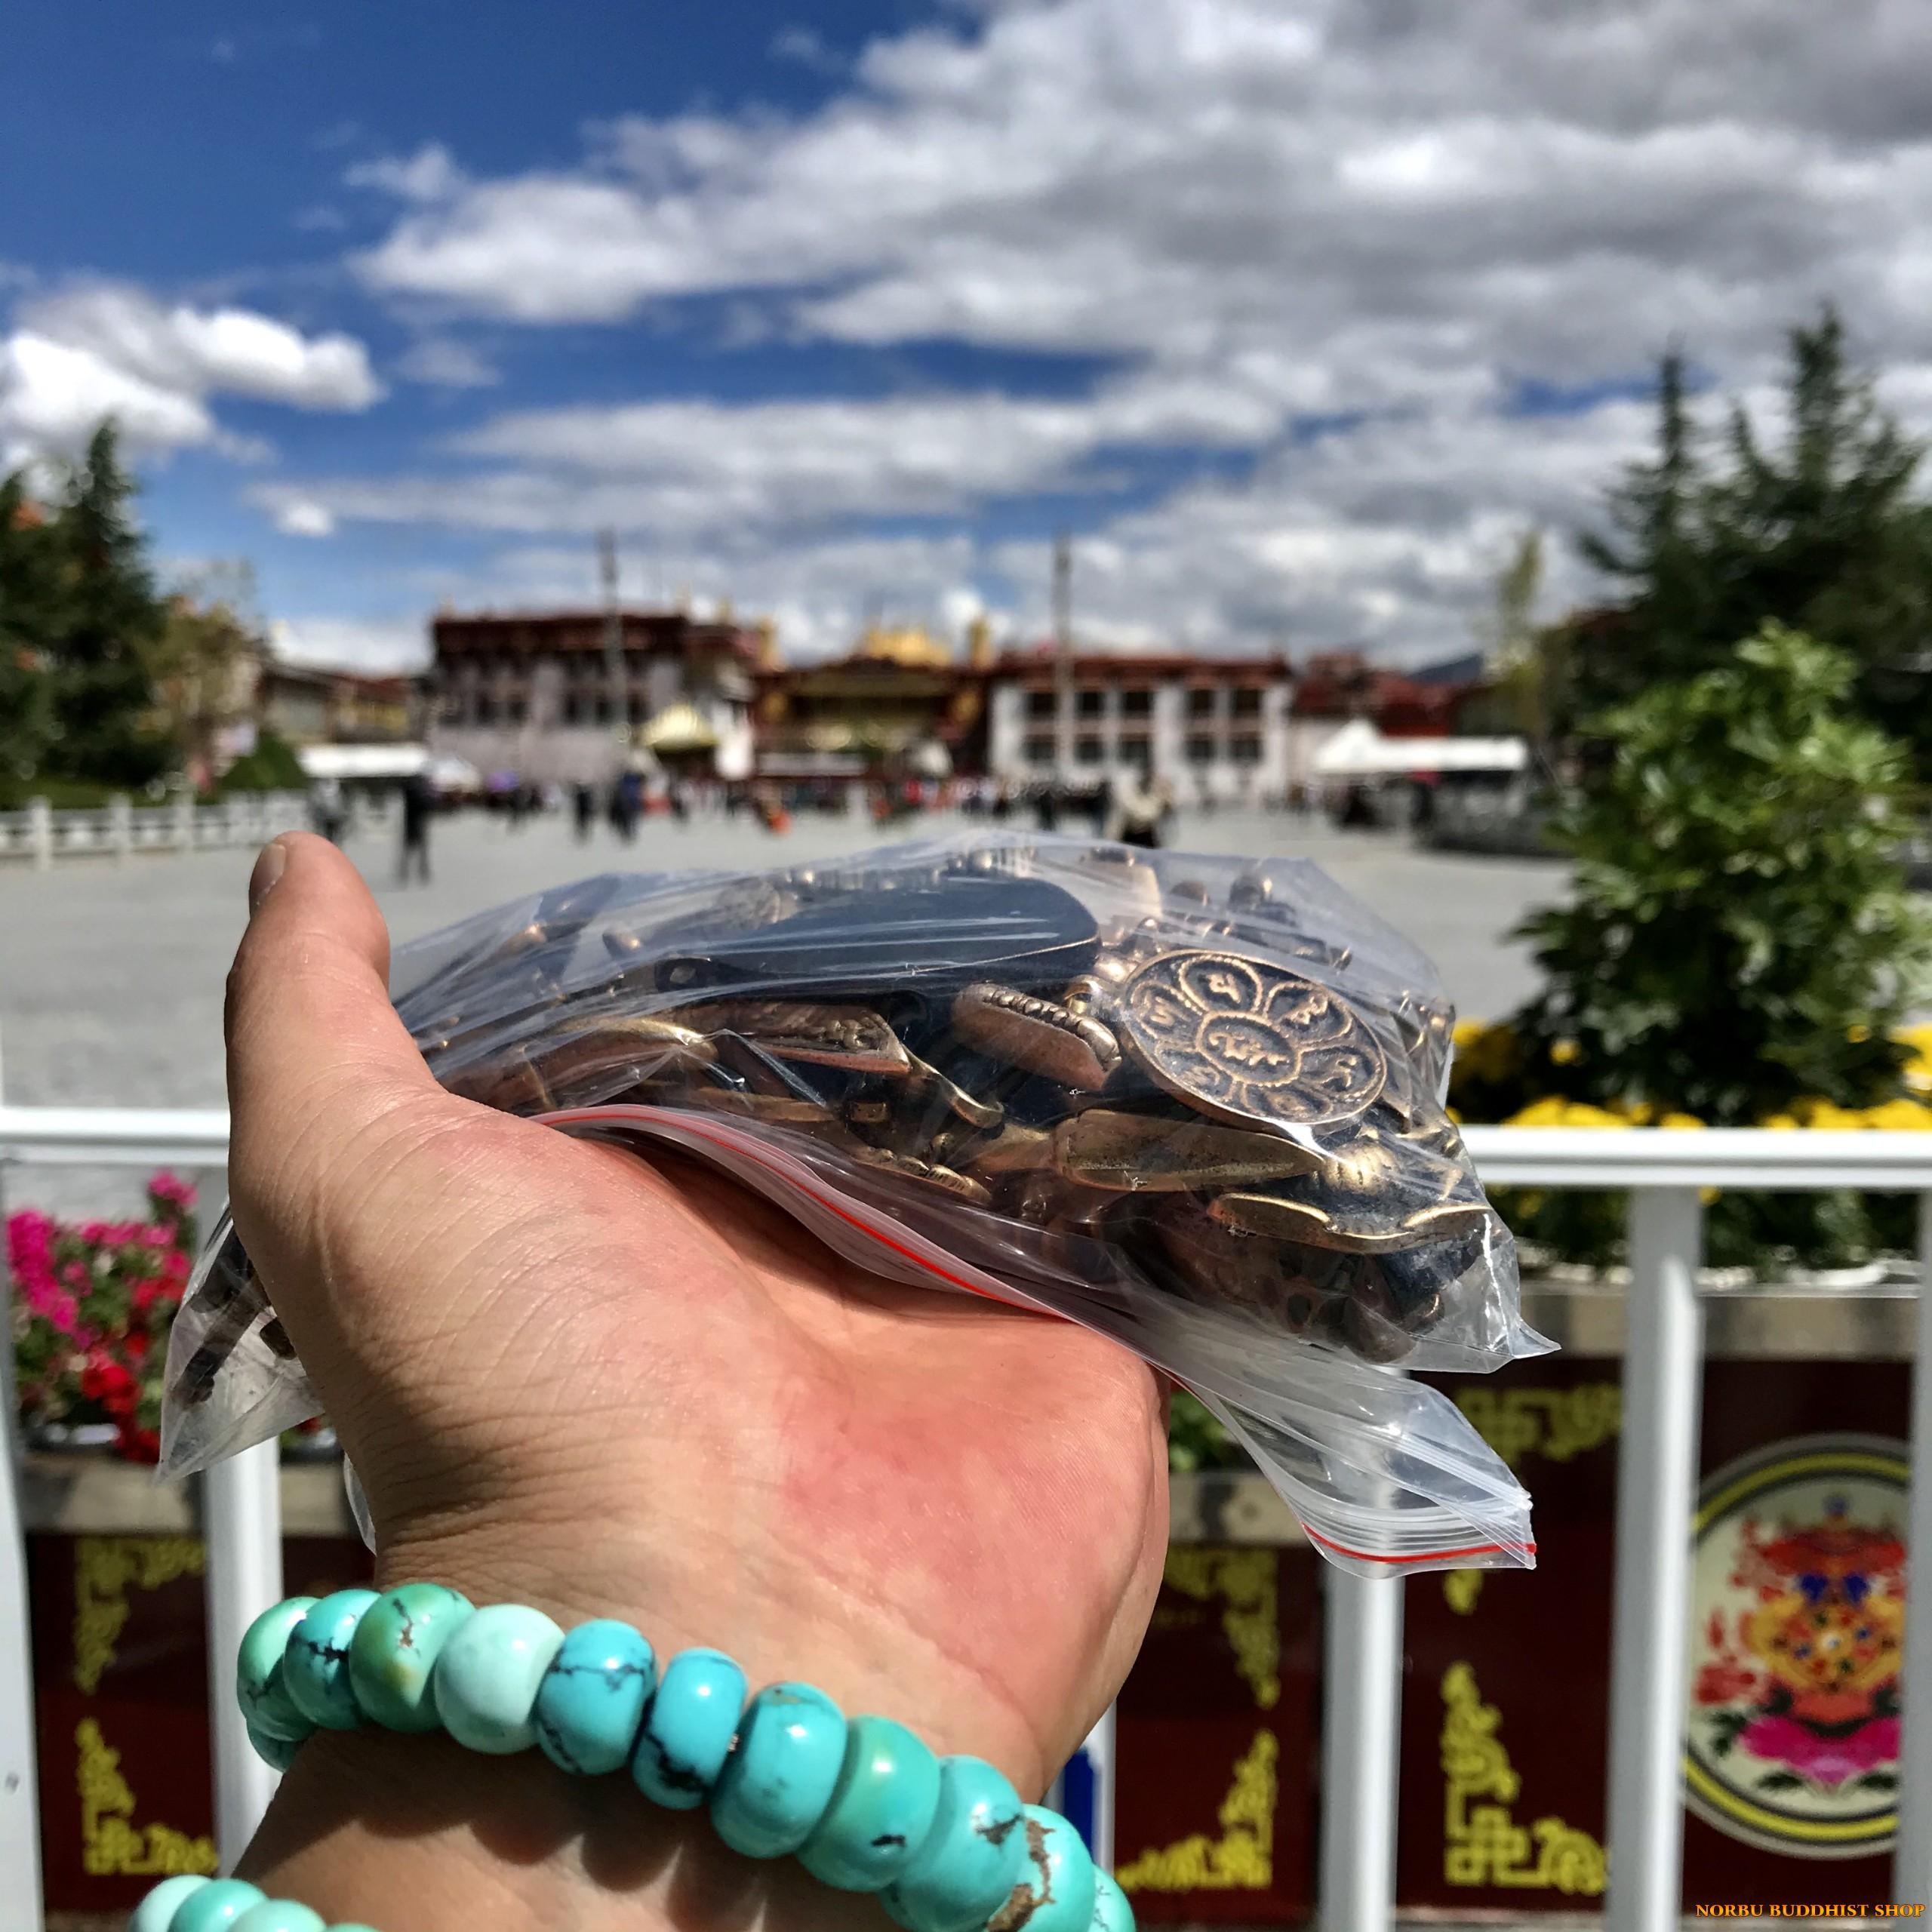 Thokcha bùa hộ mệnh xứ Tây Tạng Bí mật Thogcha Amulets mà bạn cần biết 5